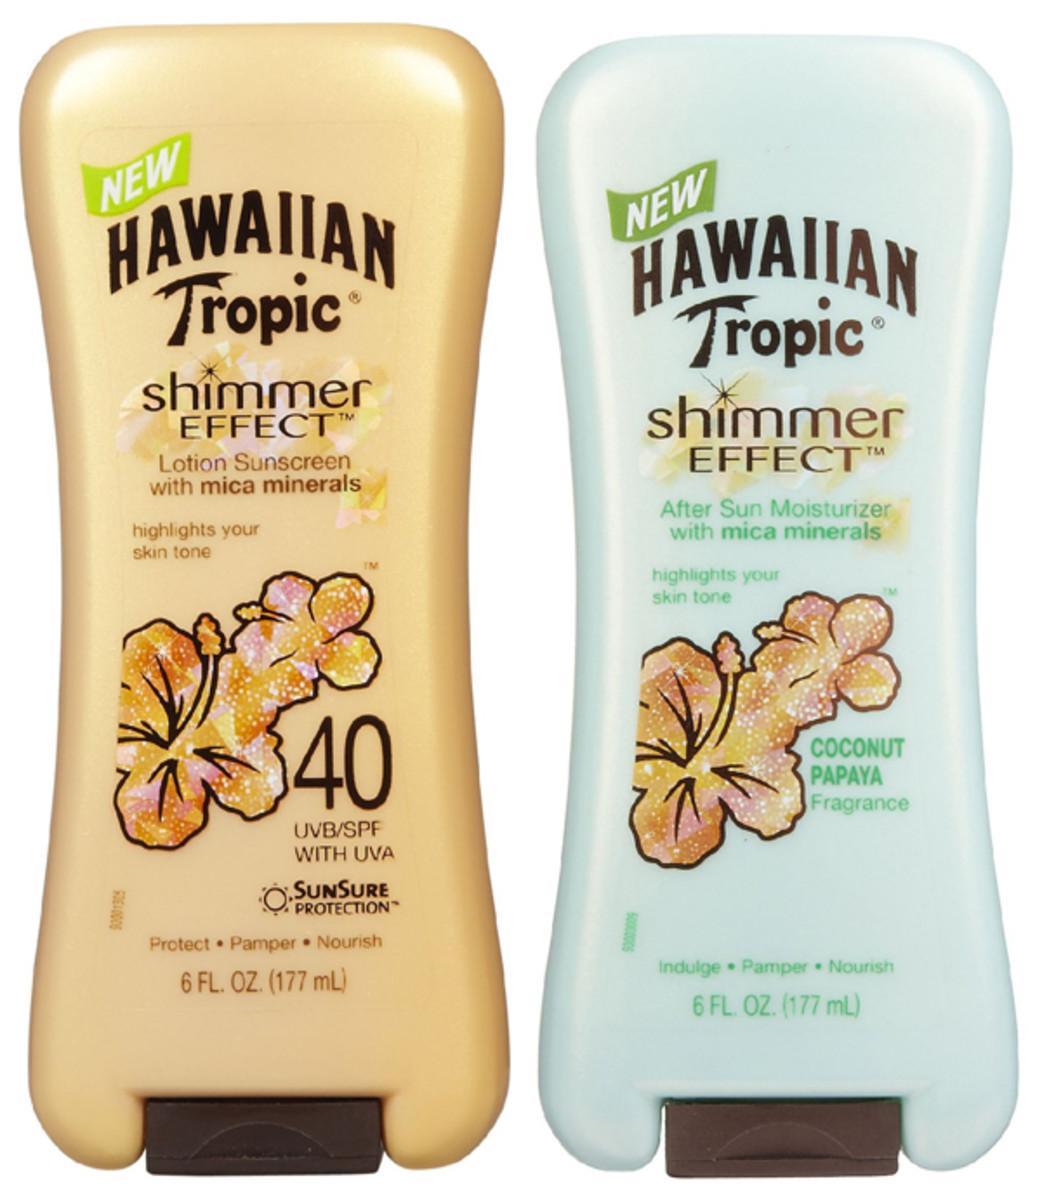 Hawaiian Tropic Shimmer Effect